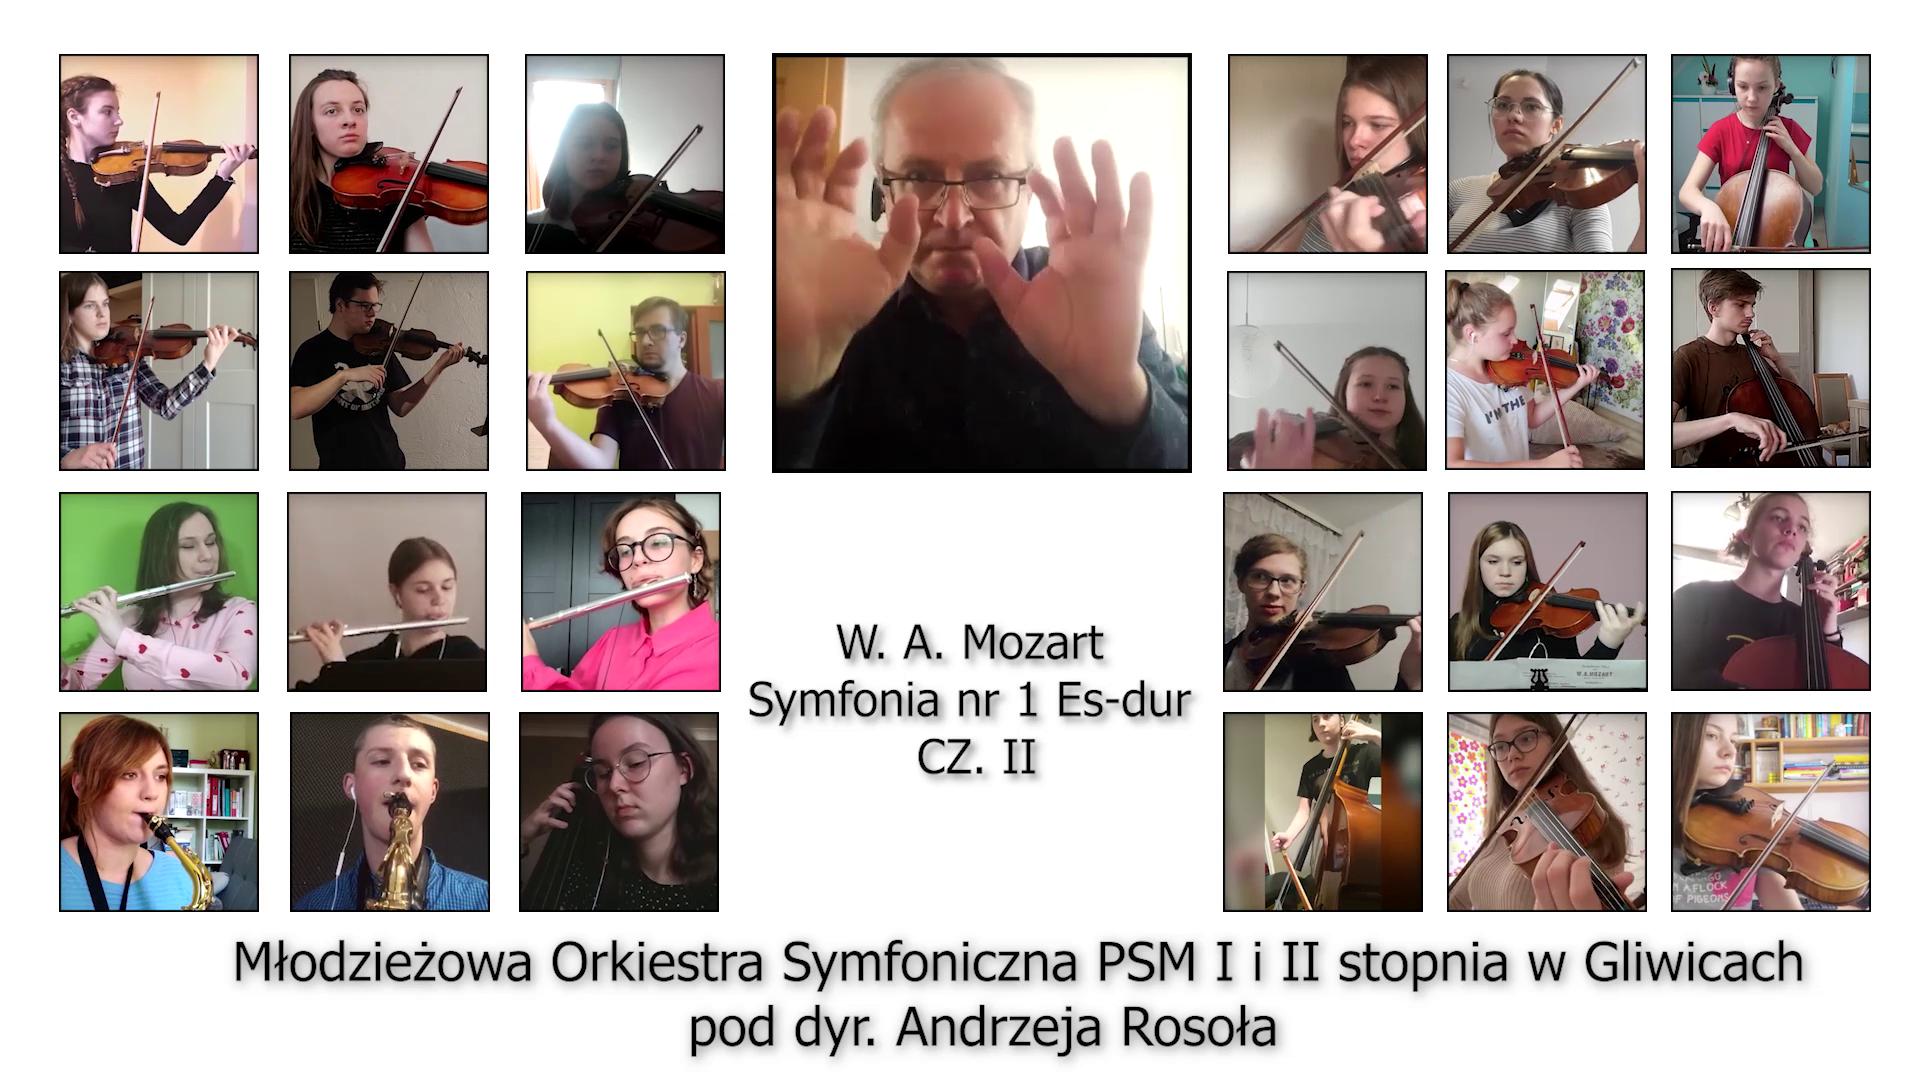 Uczniowie PSM w Gliwicach muzykują mimo pandemii